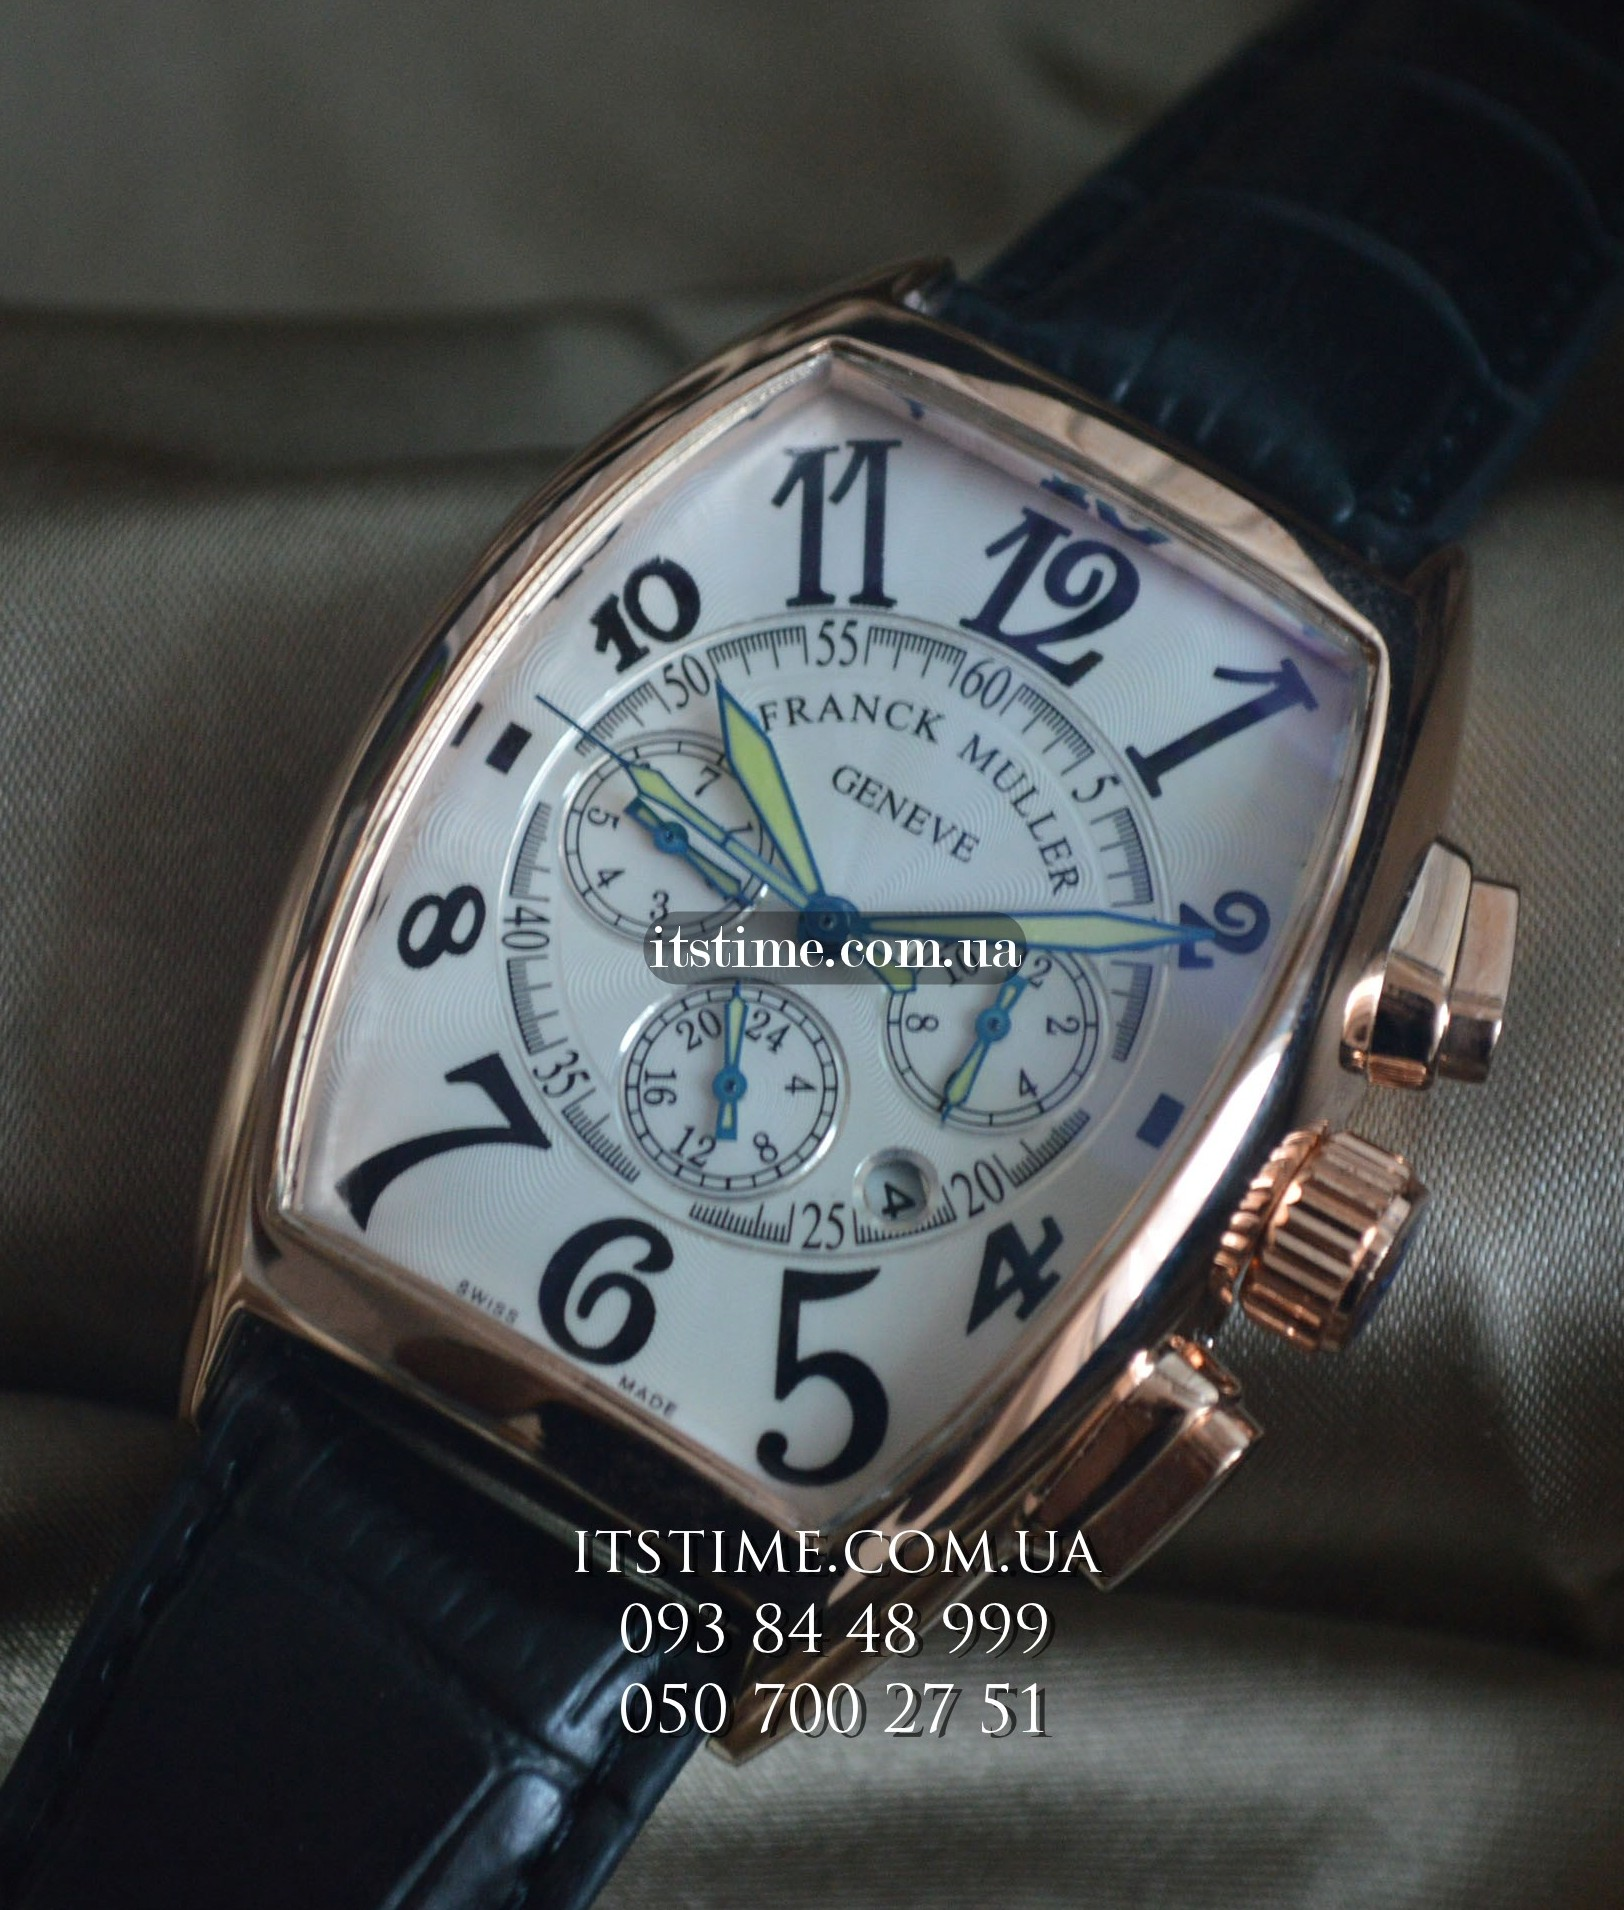 Franck muller часы продать часы ломбарде купить челябинске в в